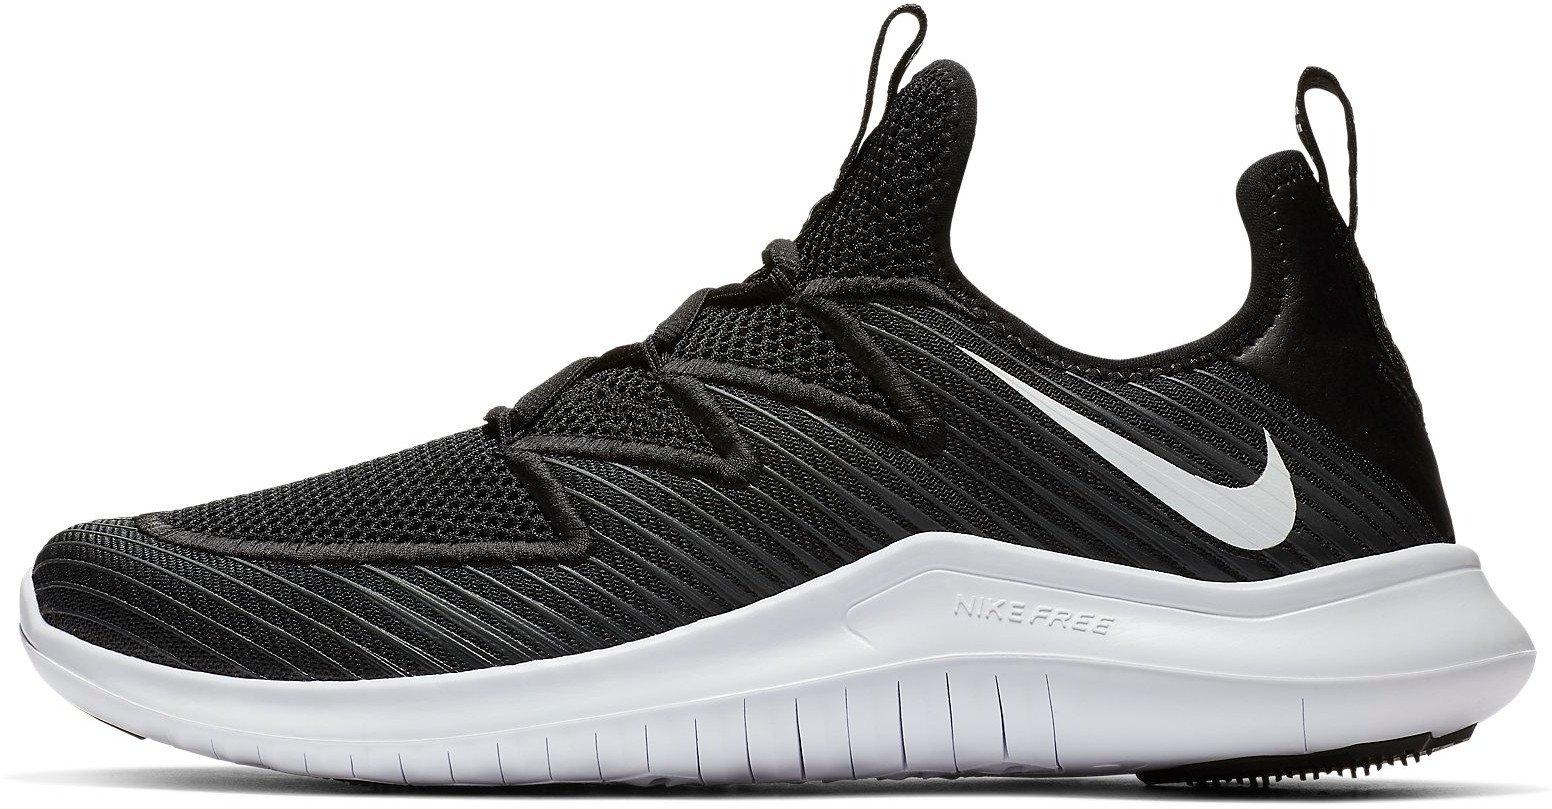 Que pasa Genealogía Fe ciega  Fitness shoes Nike FREE TR ULTRA - Top4Fitness.com